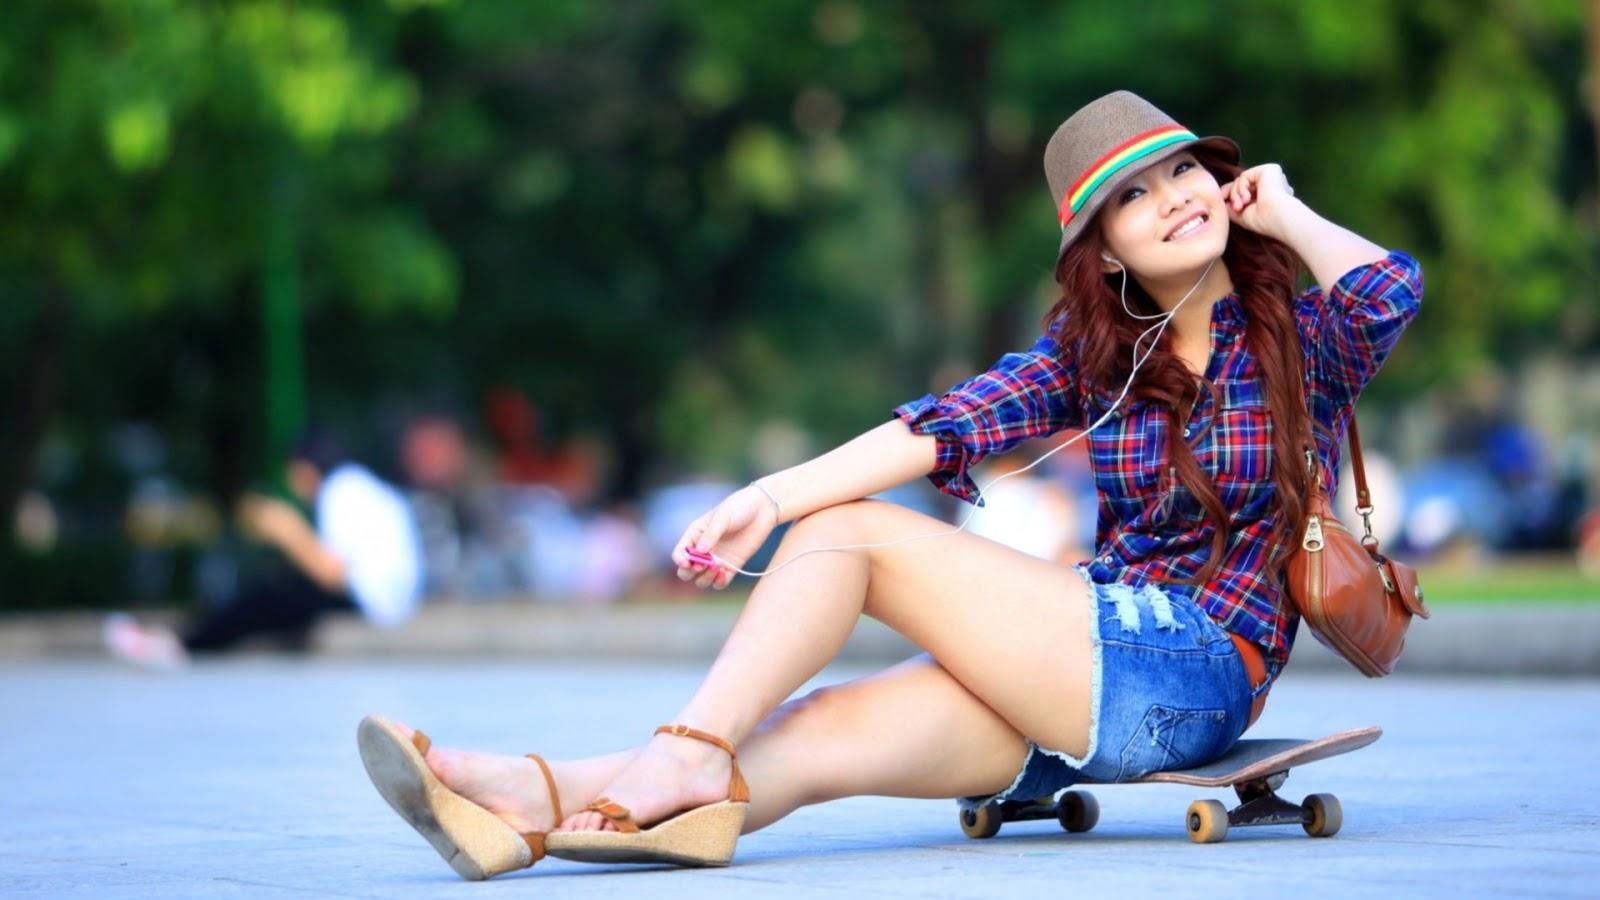 Girl Skater Style